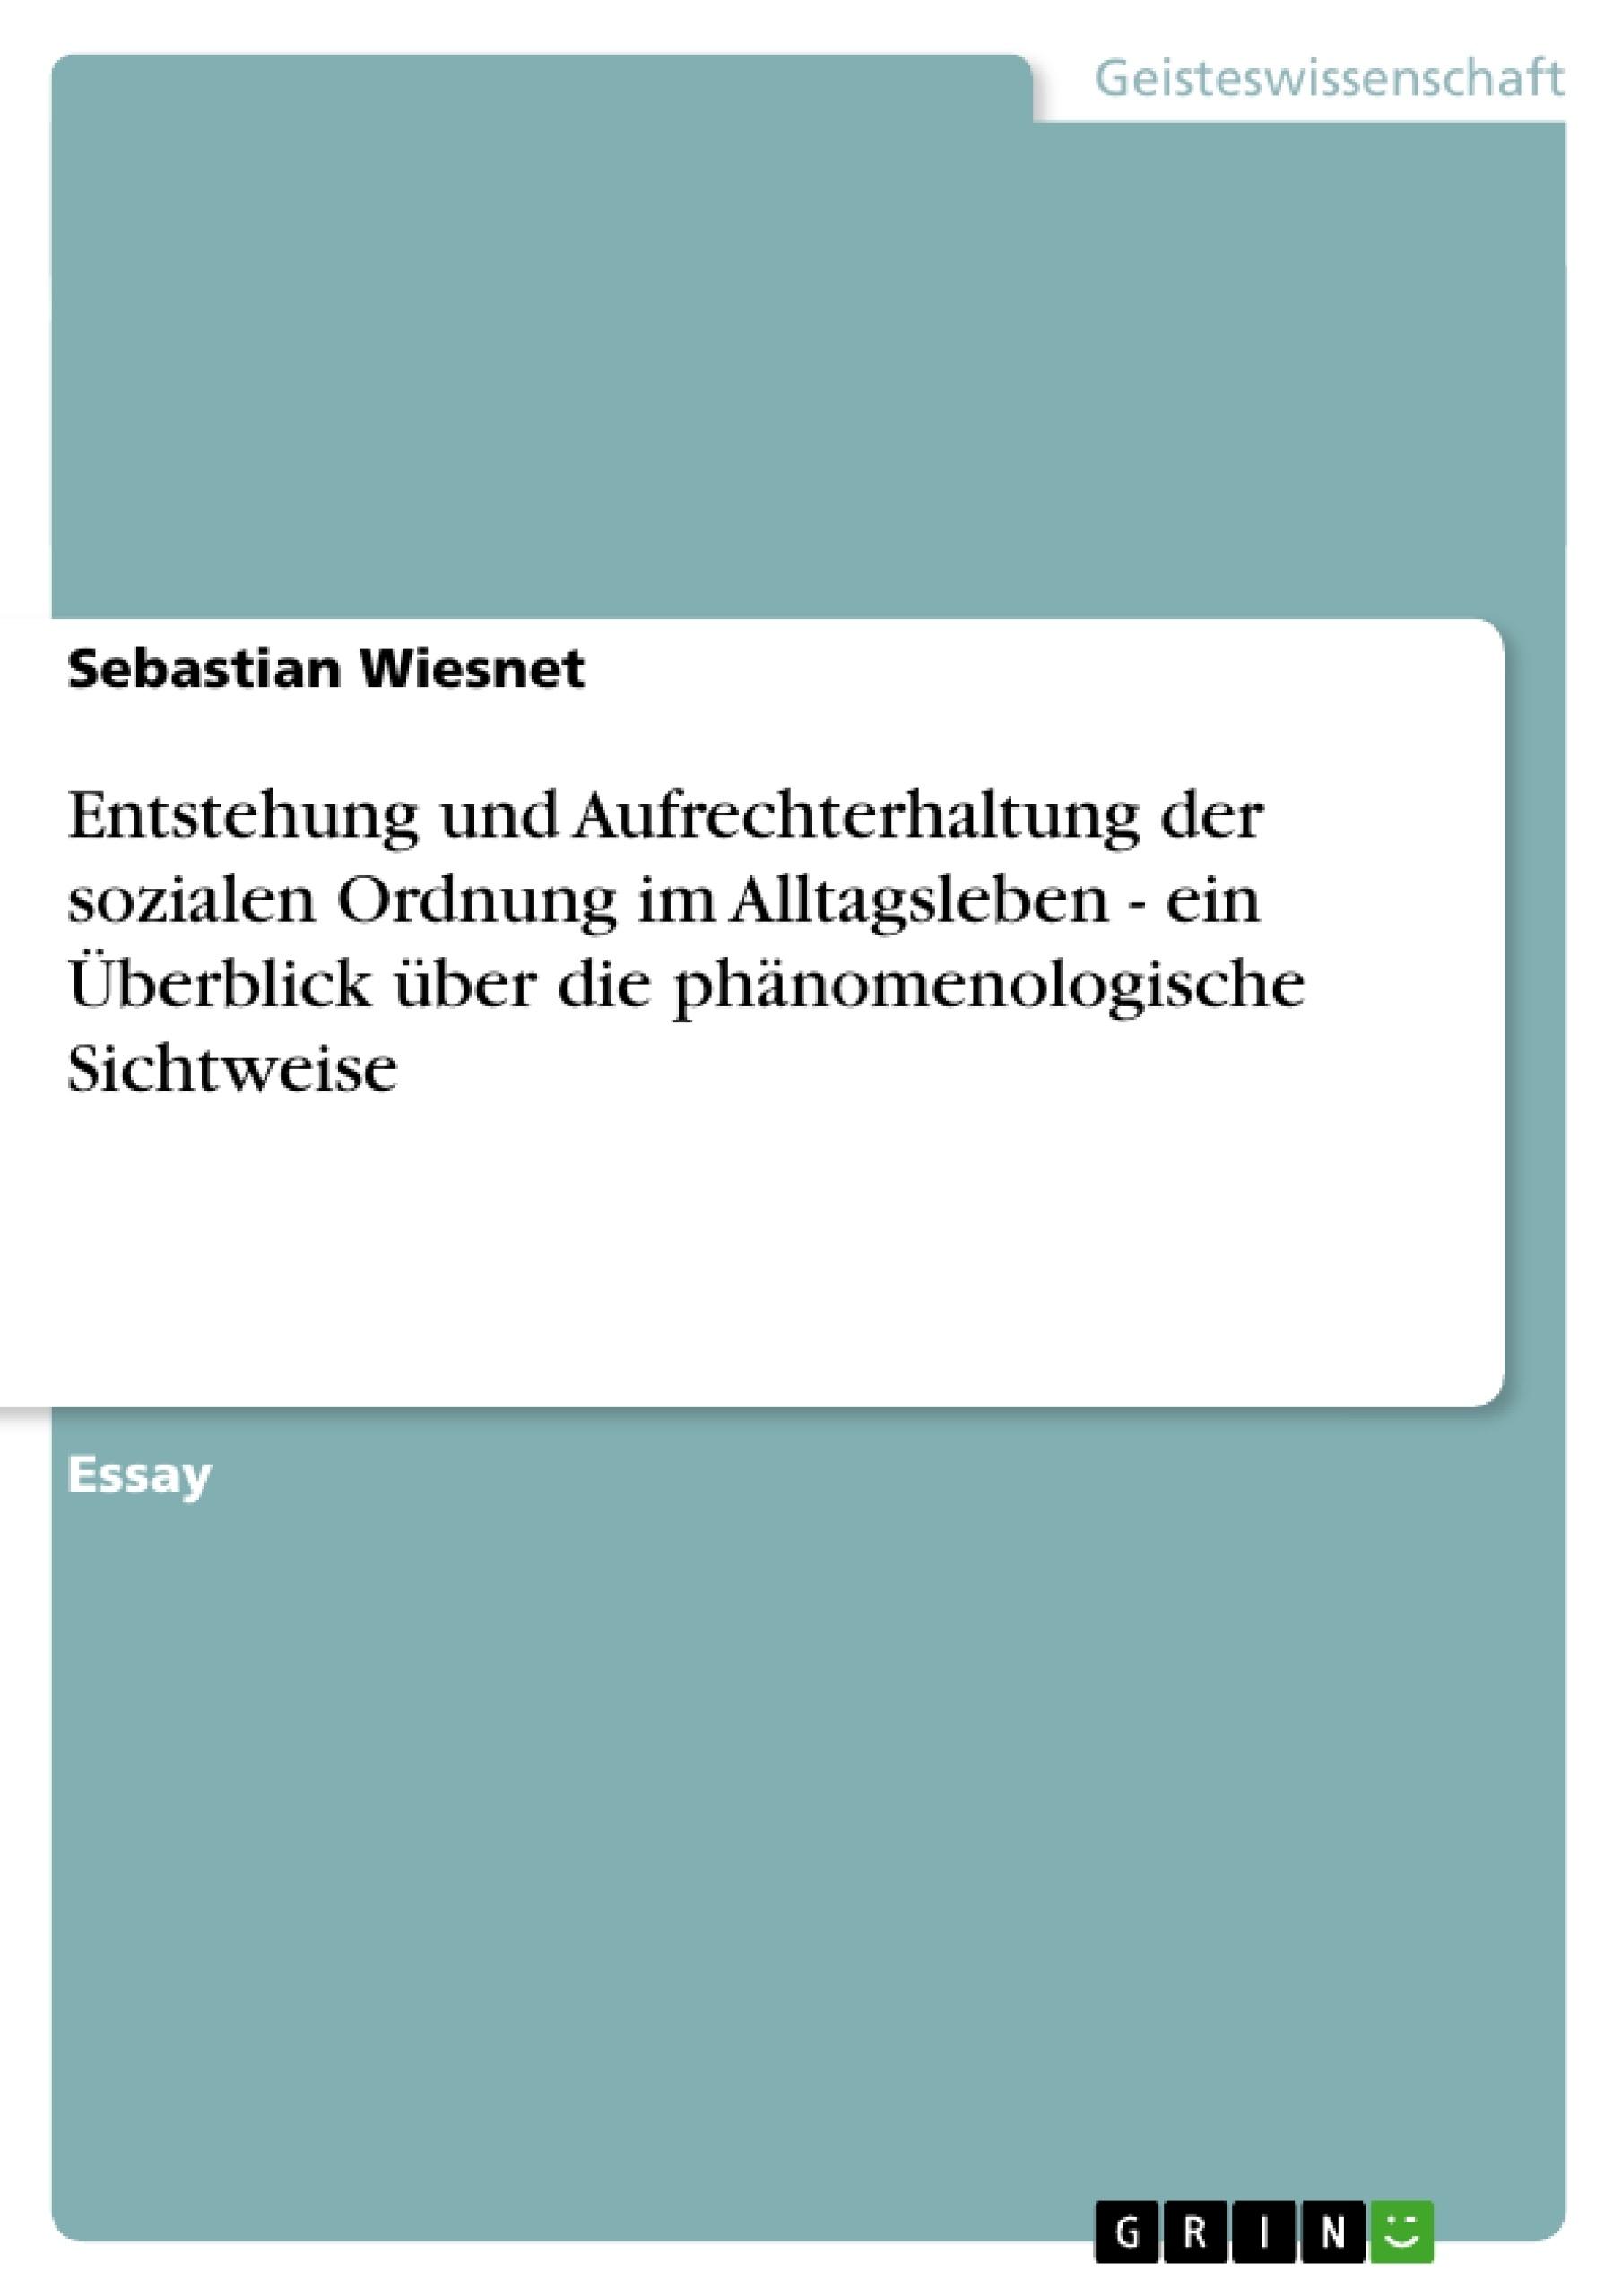 Titel: Entstehung und Aufrechterhaltung der sozialen Ordnung im Alltagsleben - ein Überblick über die phänomenologische Sichtweise